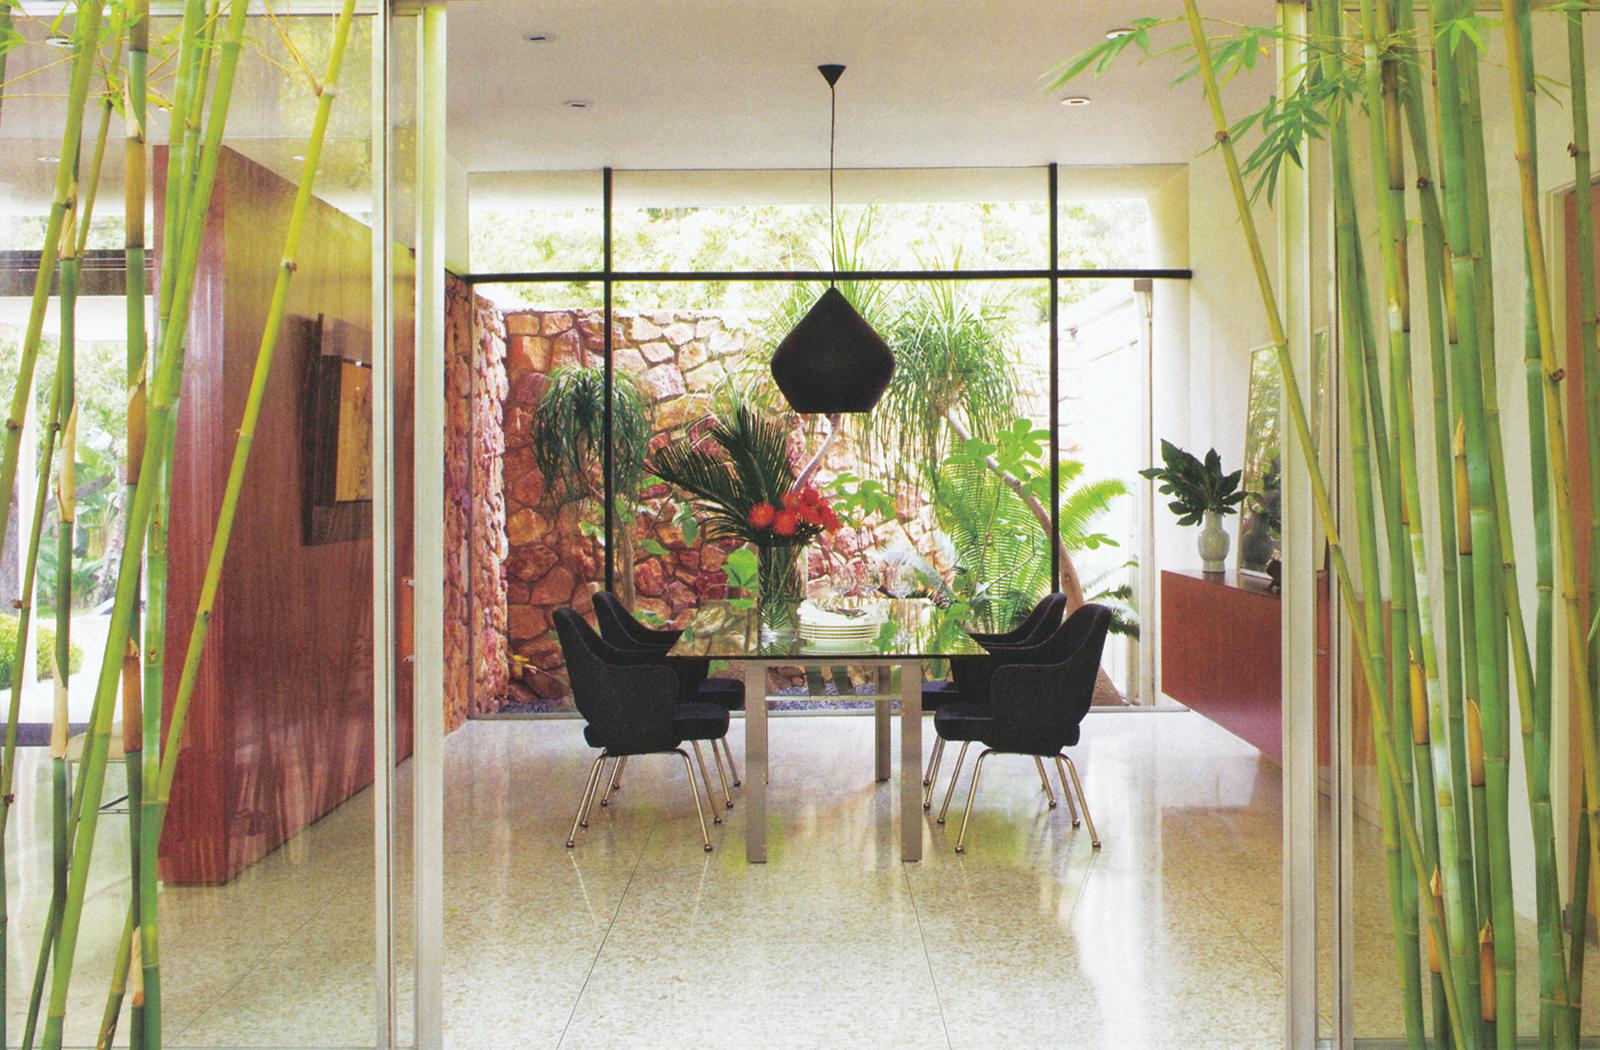 اتاق غذاخوری و سِت غذاخوری با صندلیهایی که طراحیشده توسط ارو سارینن برای شرکت نول هستند و یک چراغ سقفی سیاهرنگِ مدلِ بیت (Beat) طراحیشده توسط تام دیکسون در بالای این میز آویخته است.